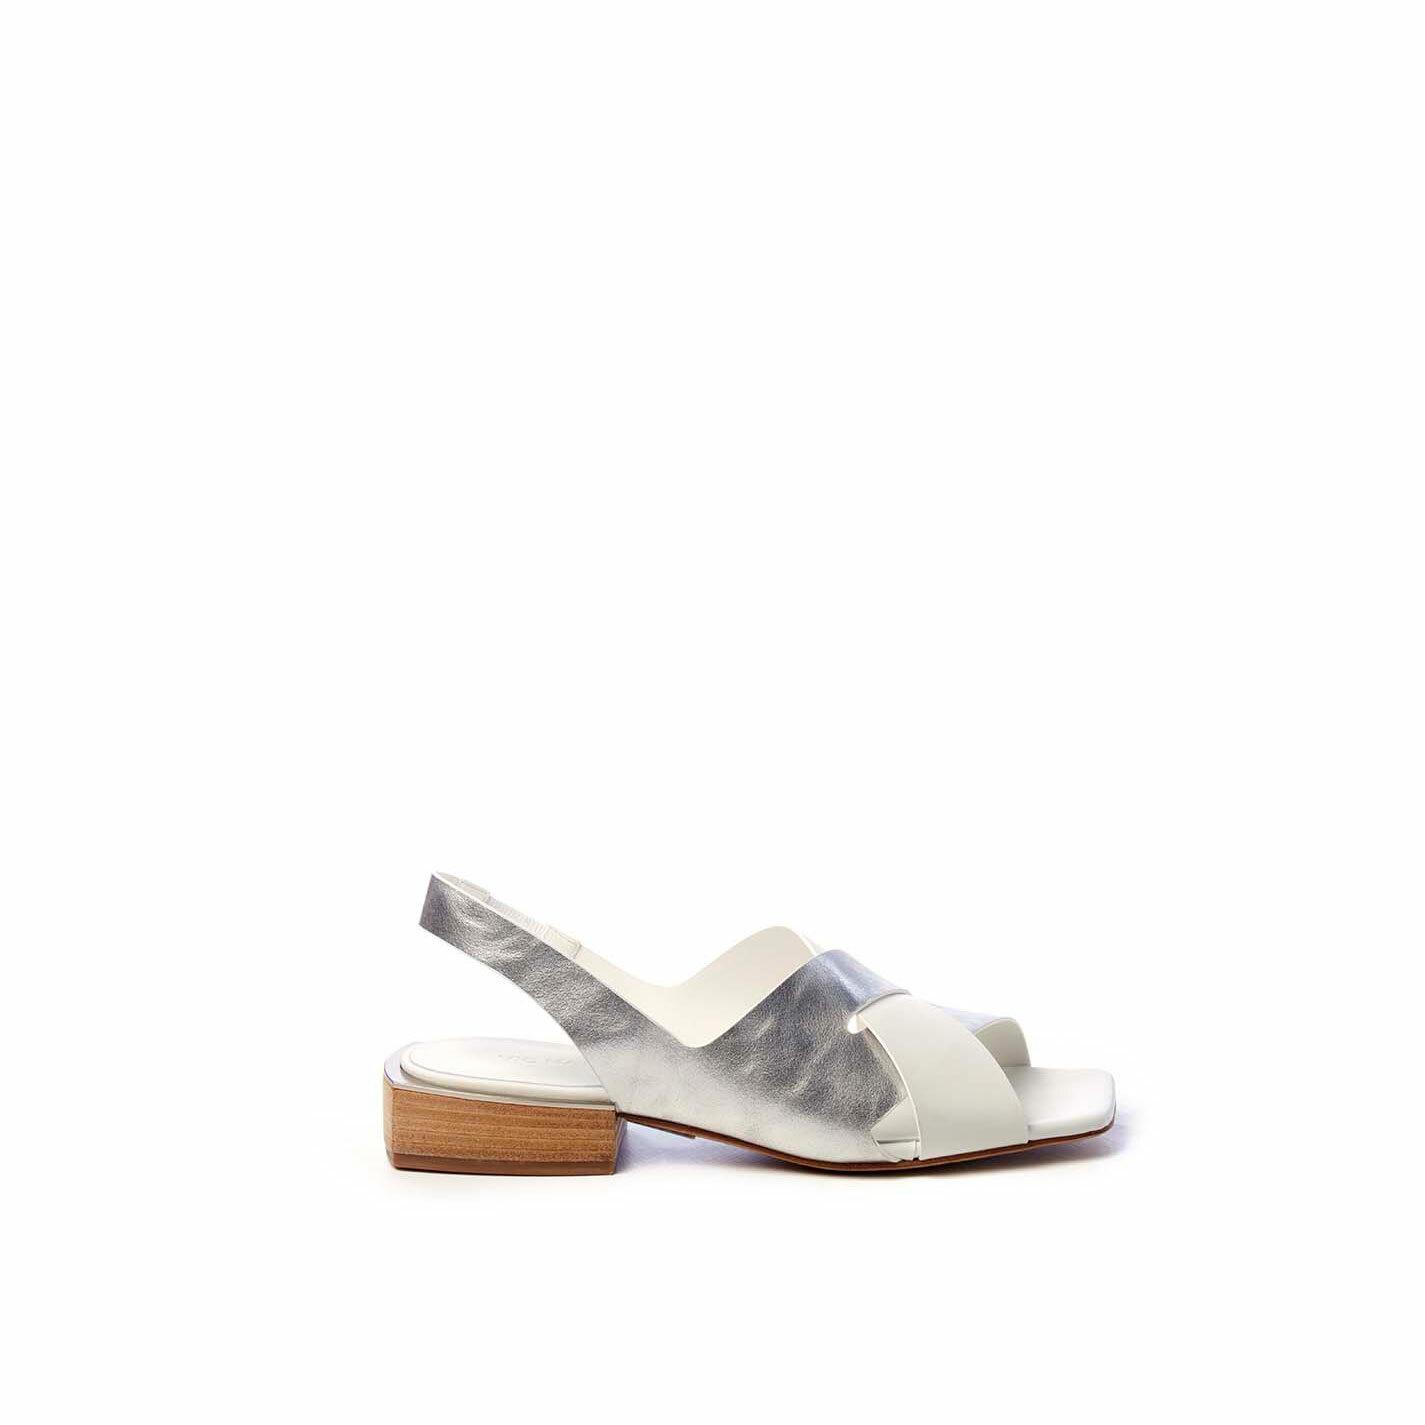 Sandalo chanel flat in pelle di vitello argento/bianco